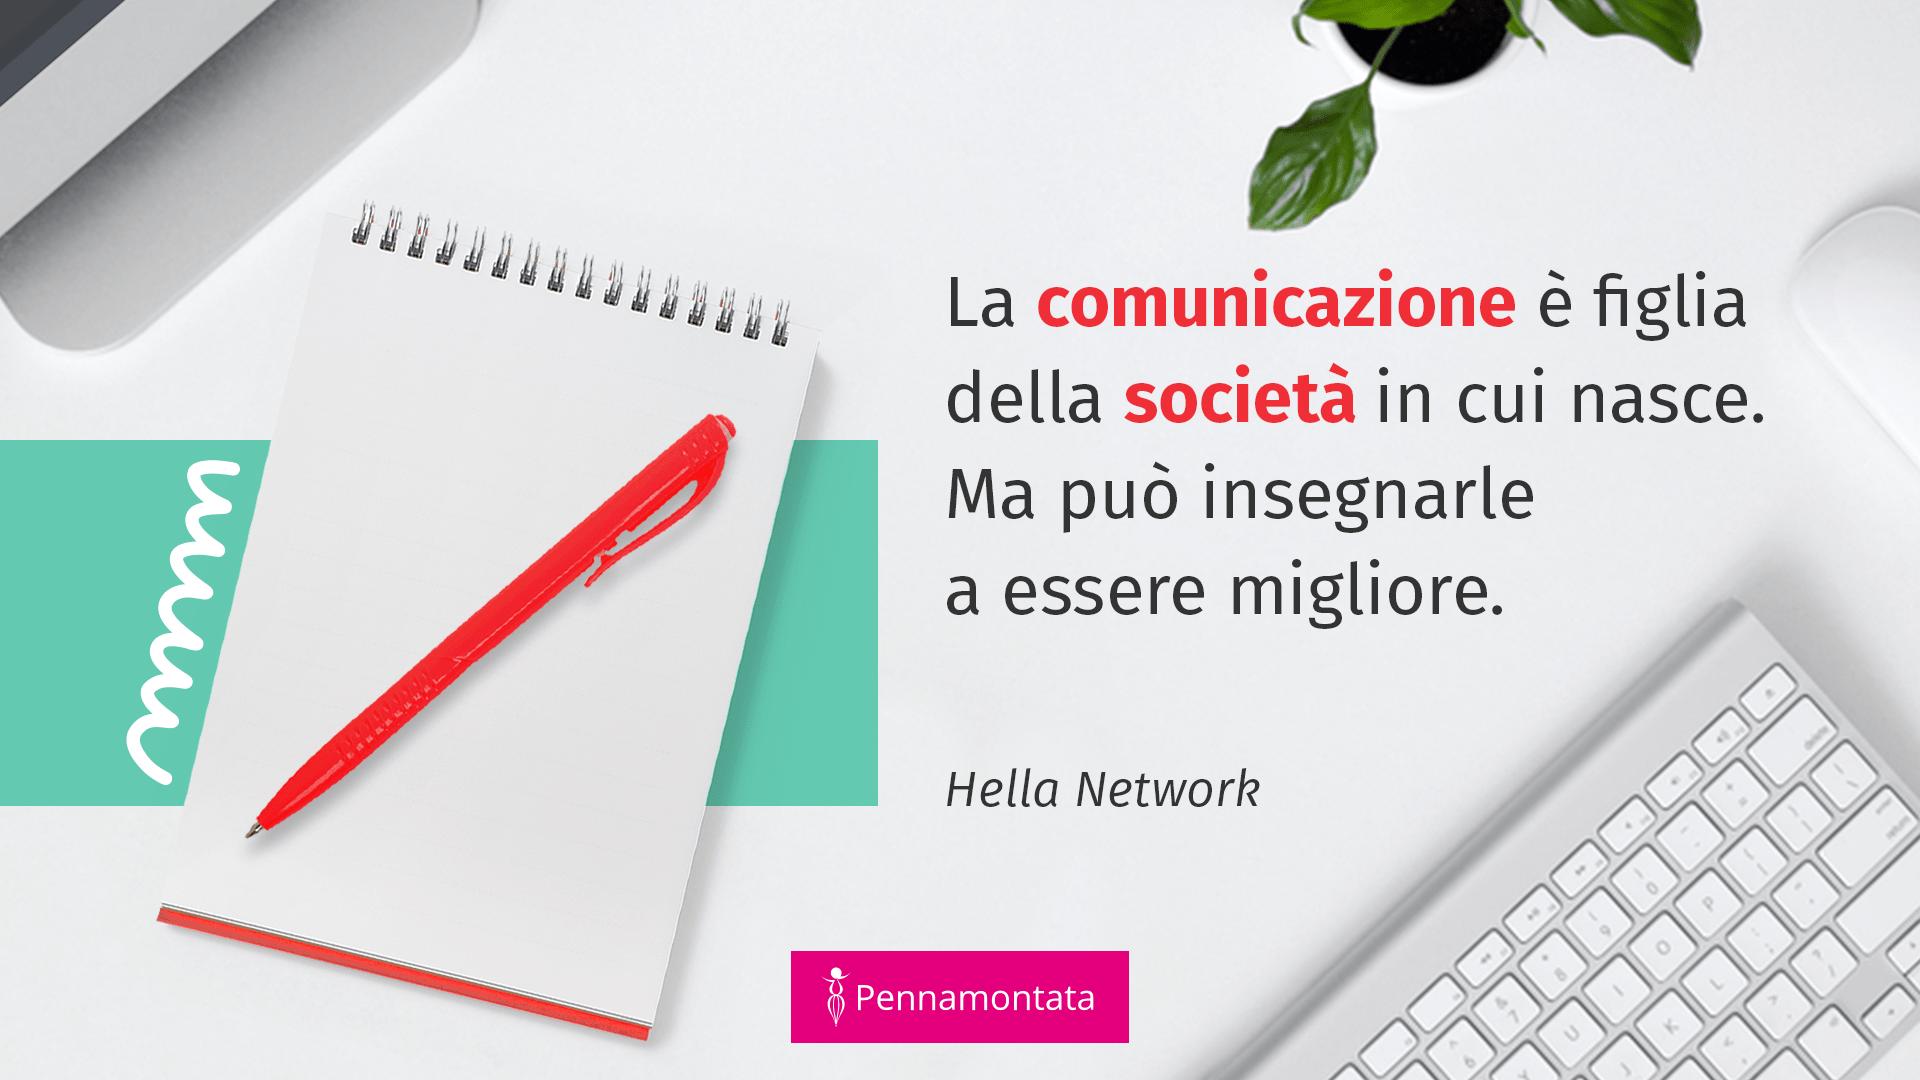 Citazione Hella Network